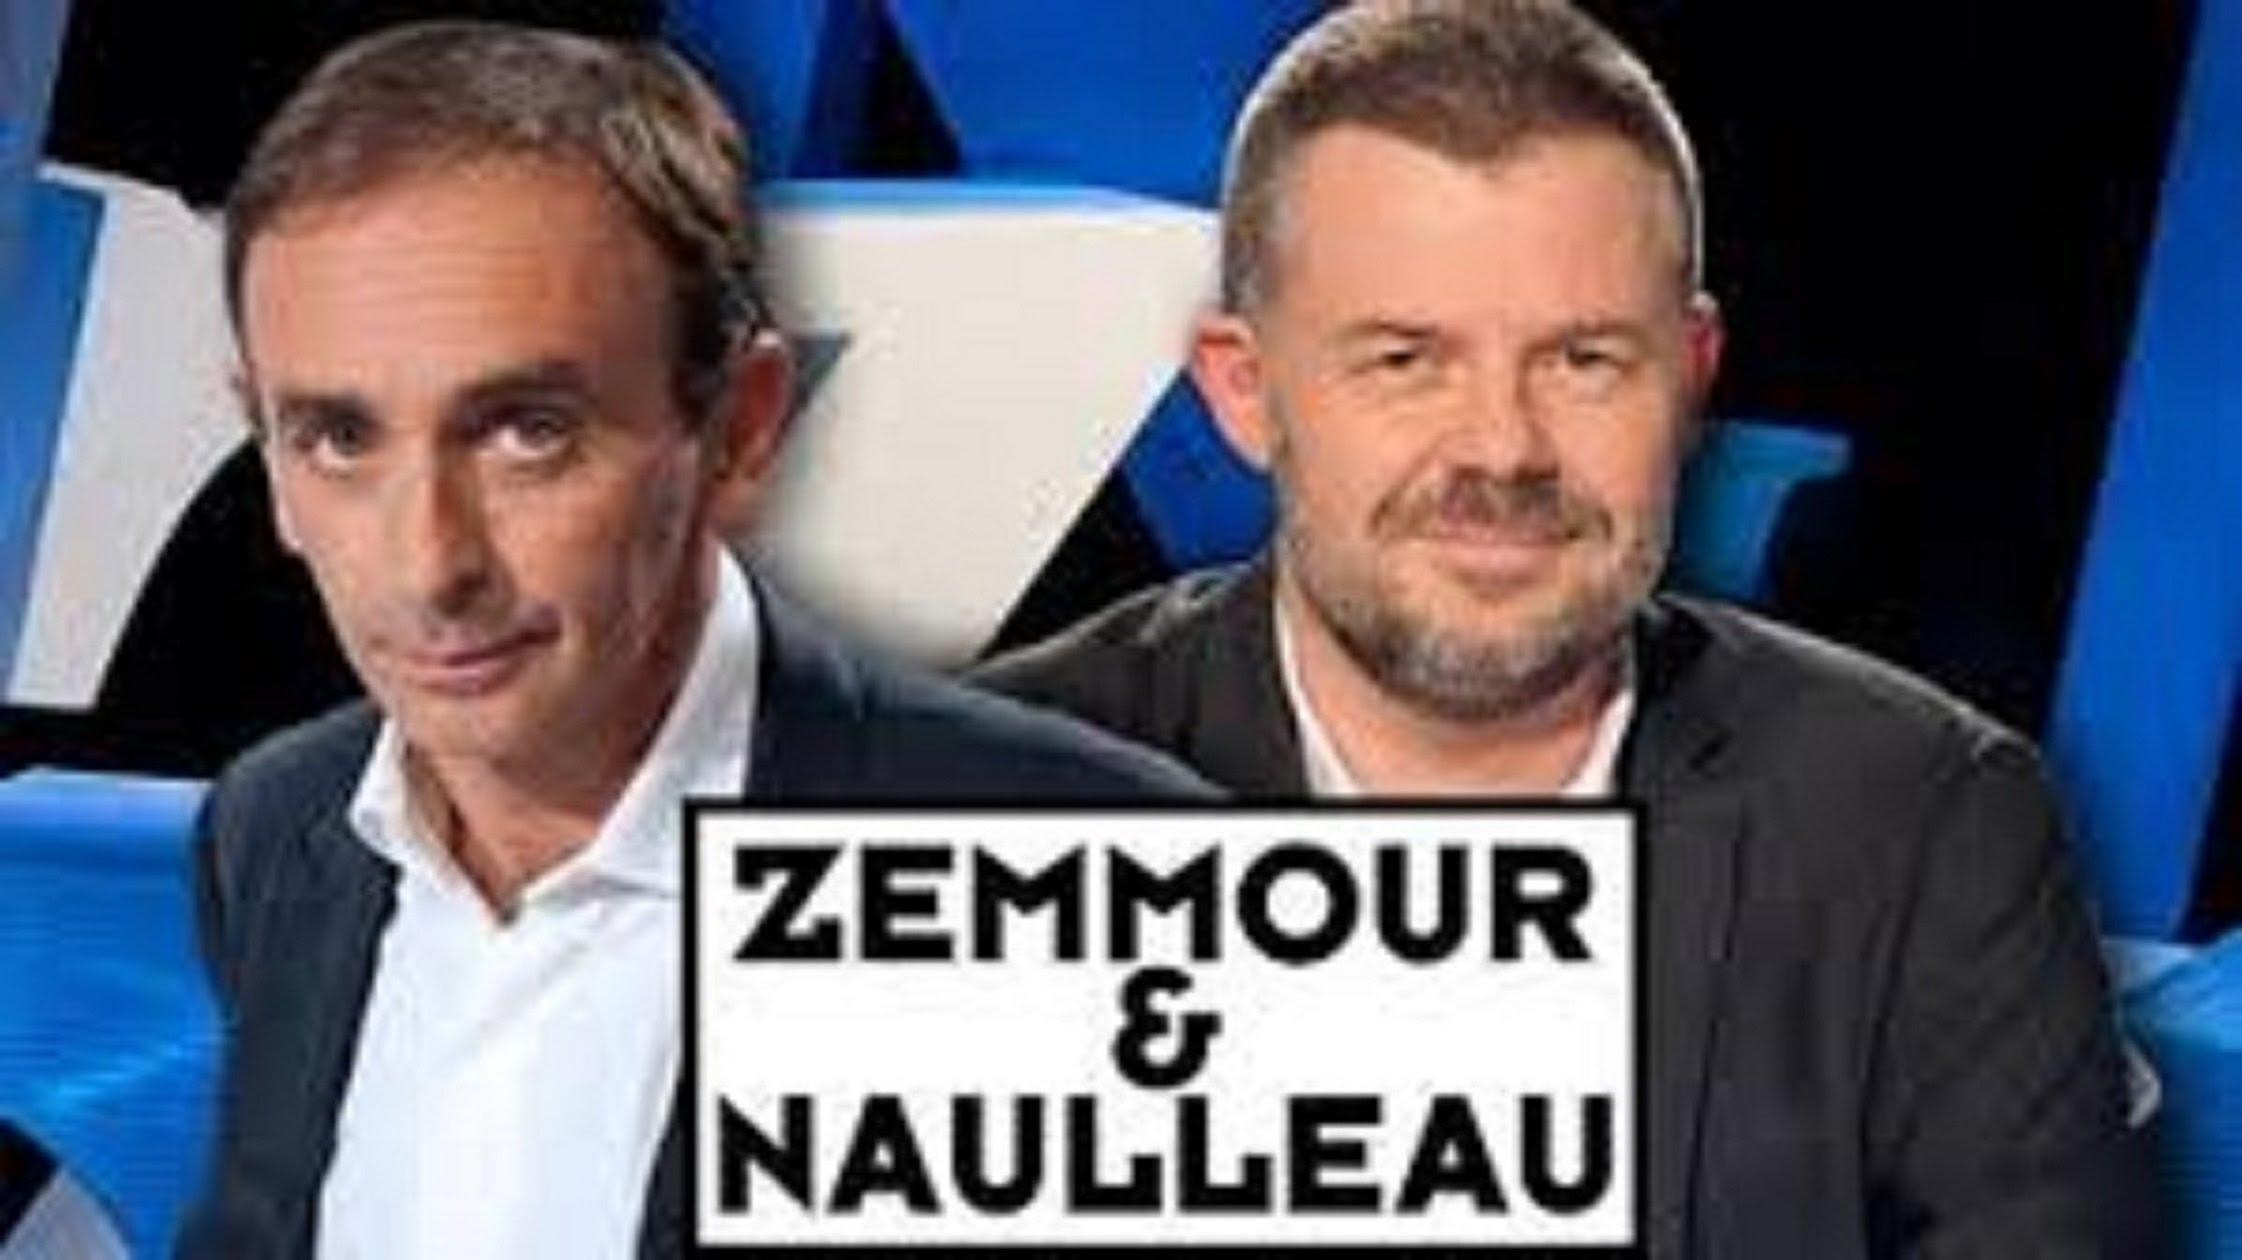 Zemmour et Naulleau commencent leur émission du 28 février en pulvérisant Angot